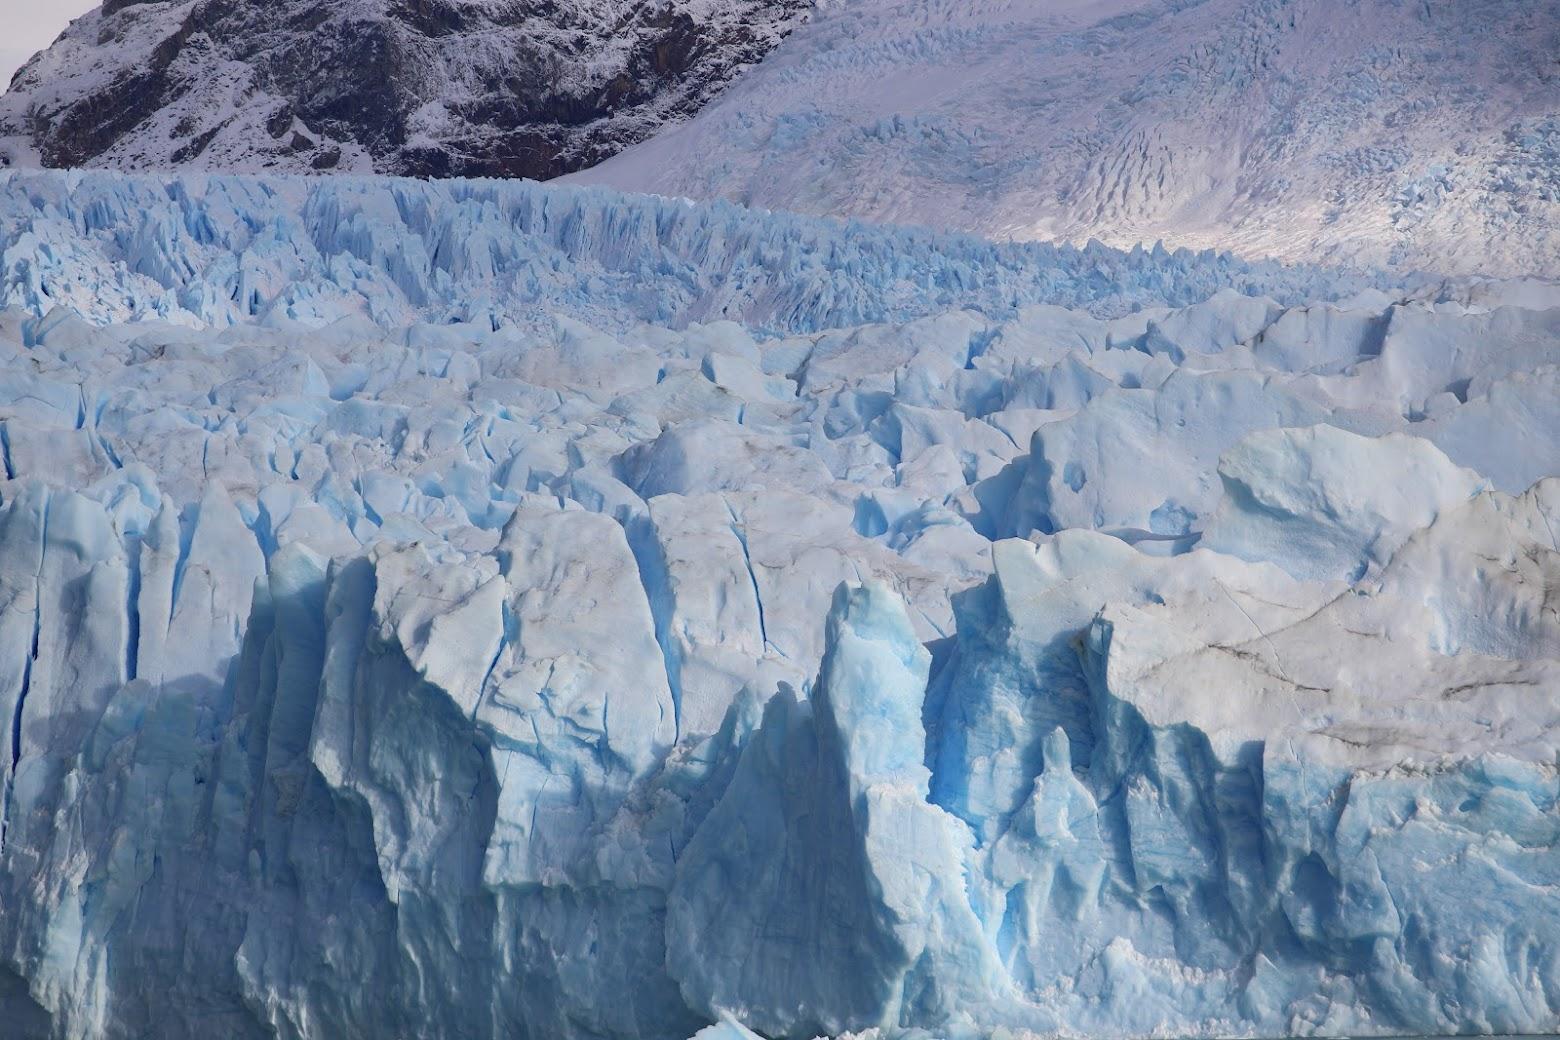 Понадкусывать Чили за 2 недели или яркие впечатления осени - Огненная земля, Perito-Moreno, Torres Del Paine, Atacama, пингвины и много счастья!